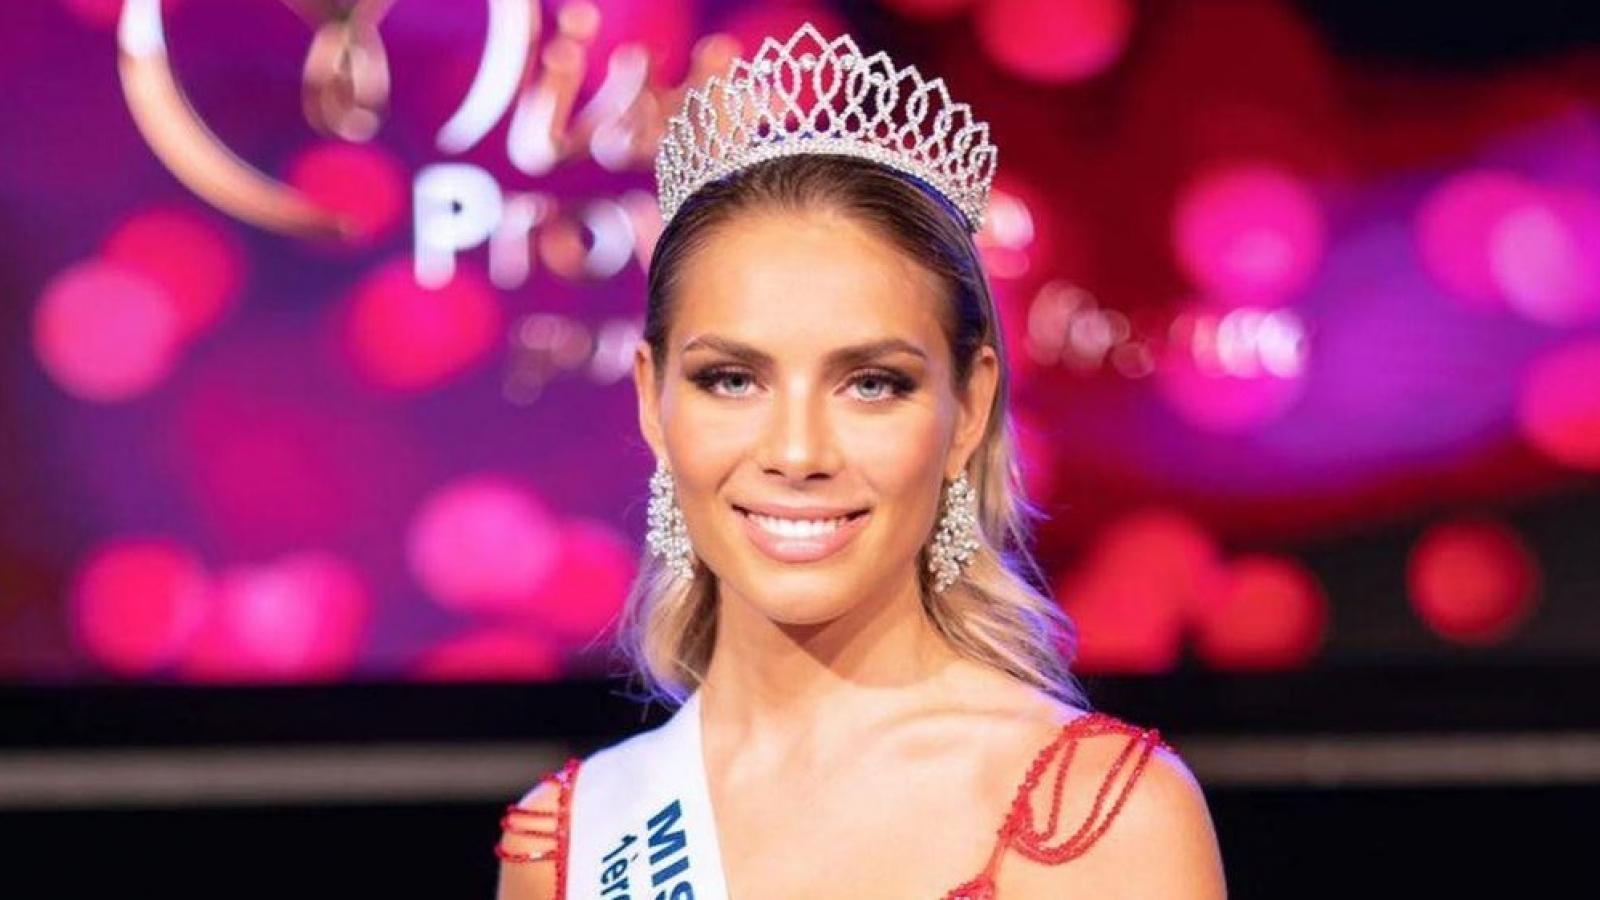 """Hoa hậu Thế giới Pháp 2021: Nhan sắc """"cực phẩm"""" và đôi mắt xanh hút hồn"""